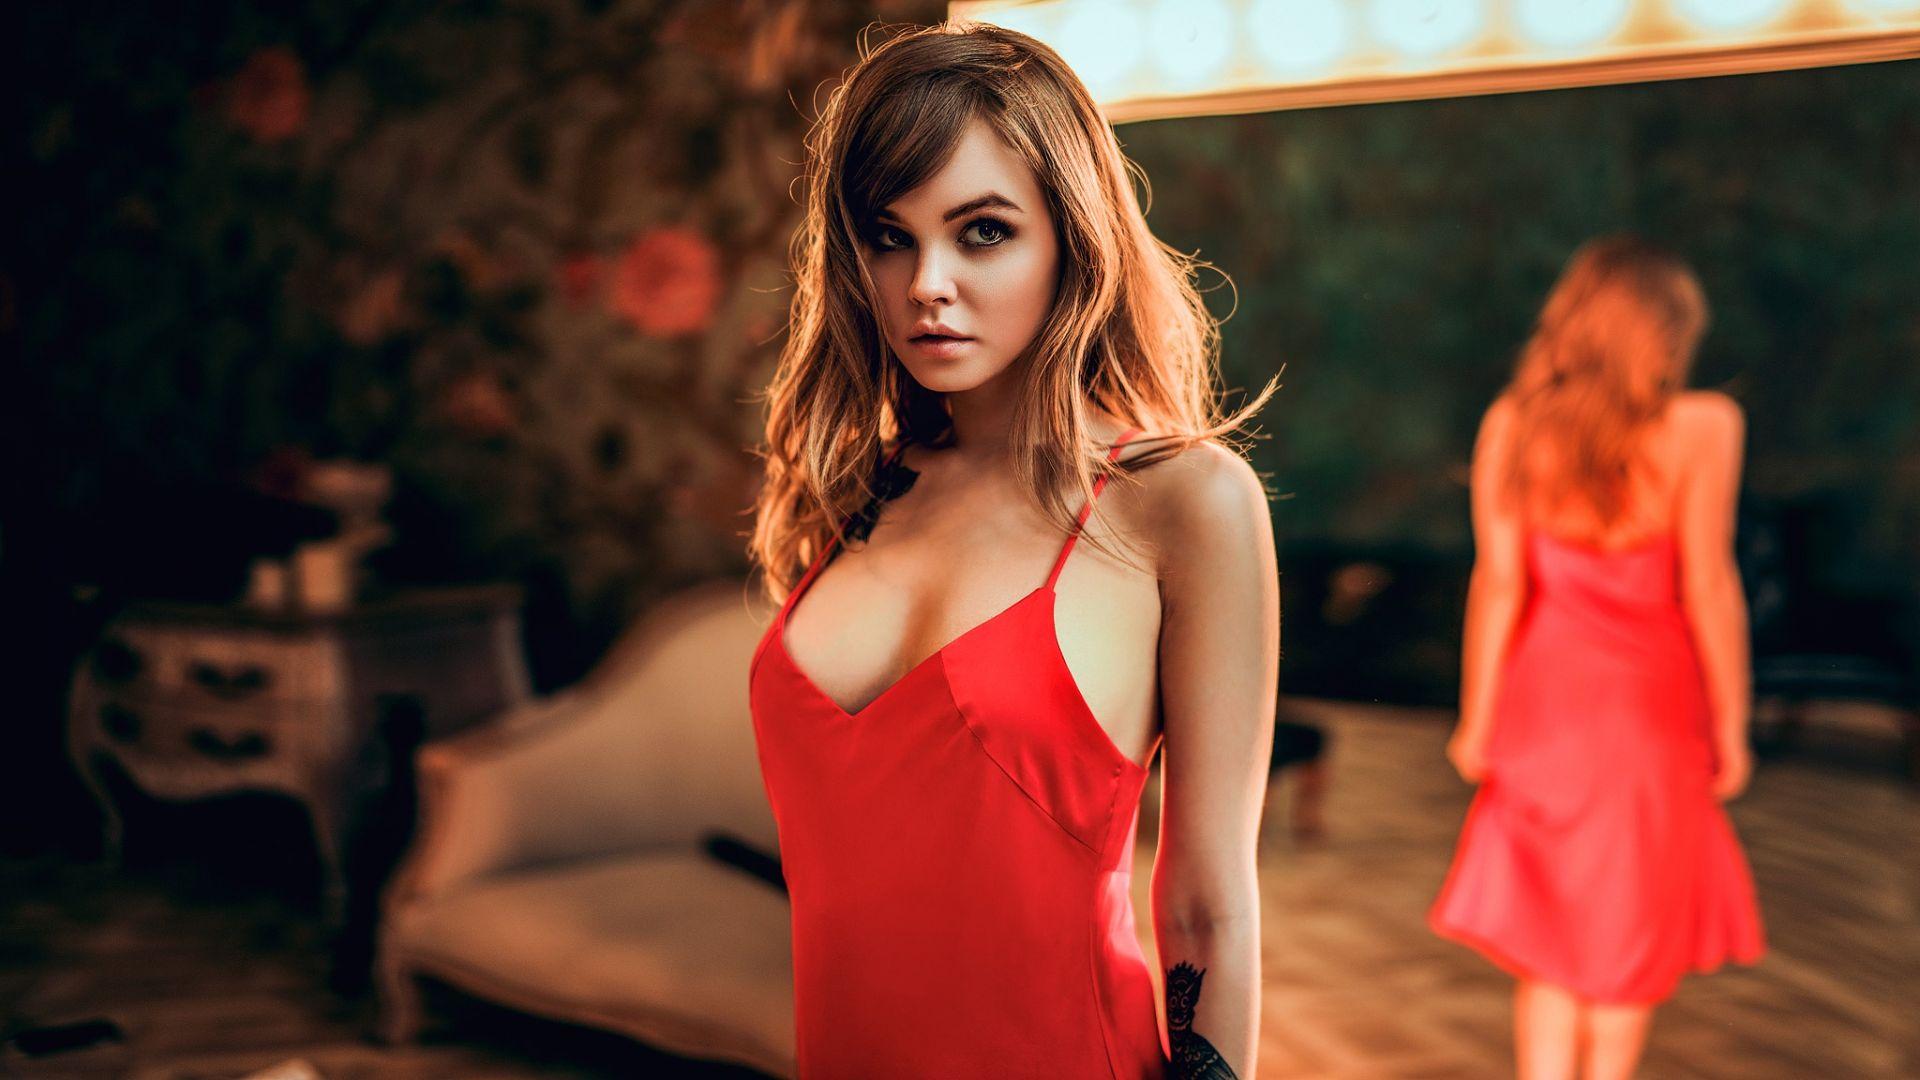 Anastasia Scheglova, red dress, hot, reflections